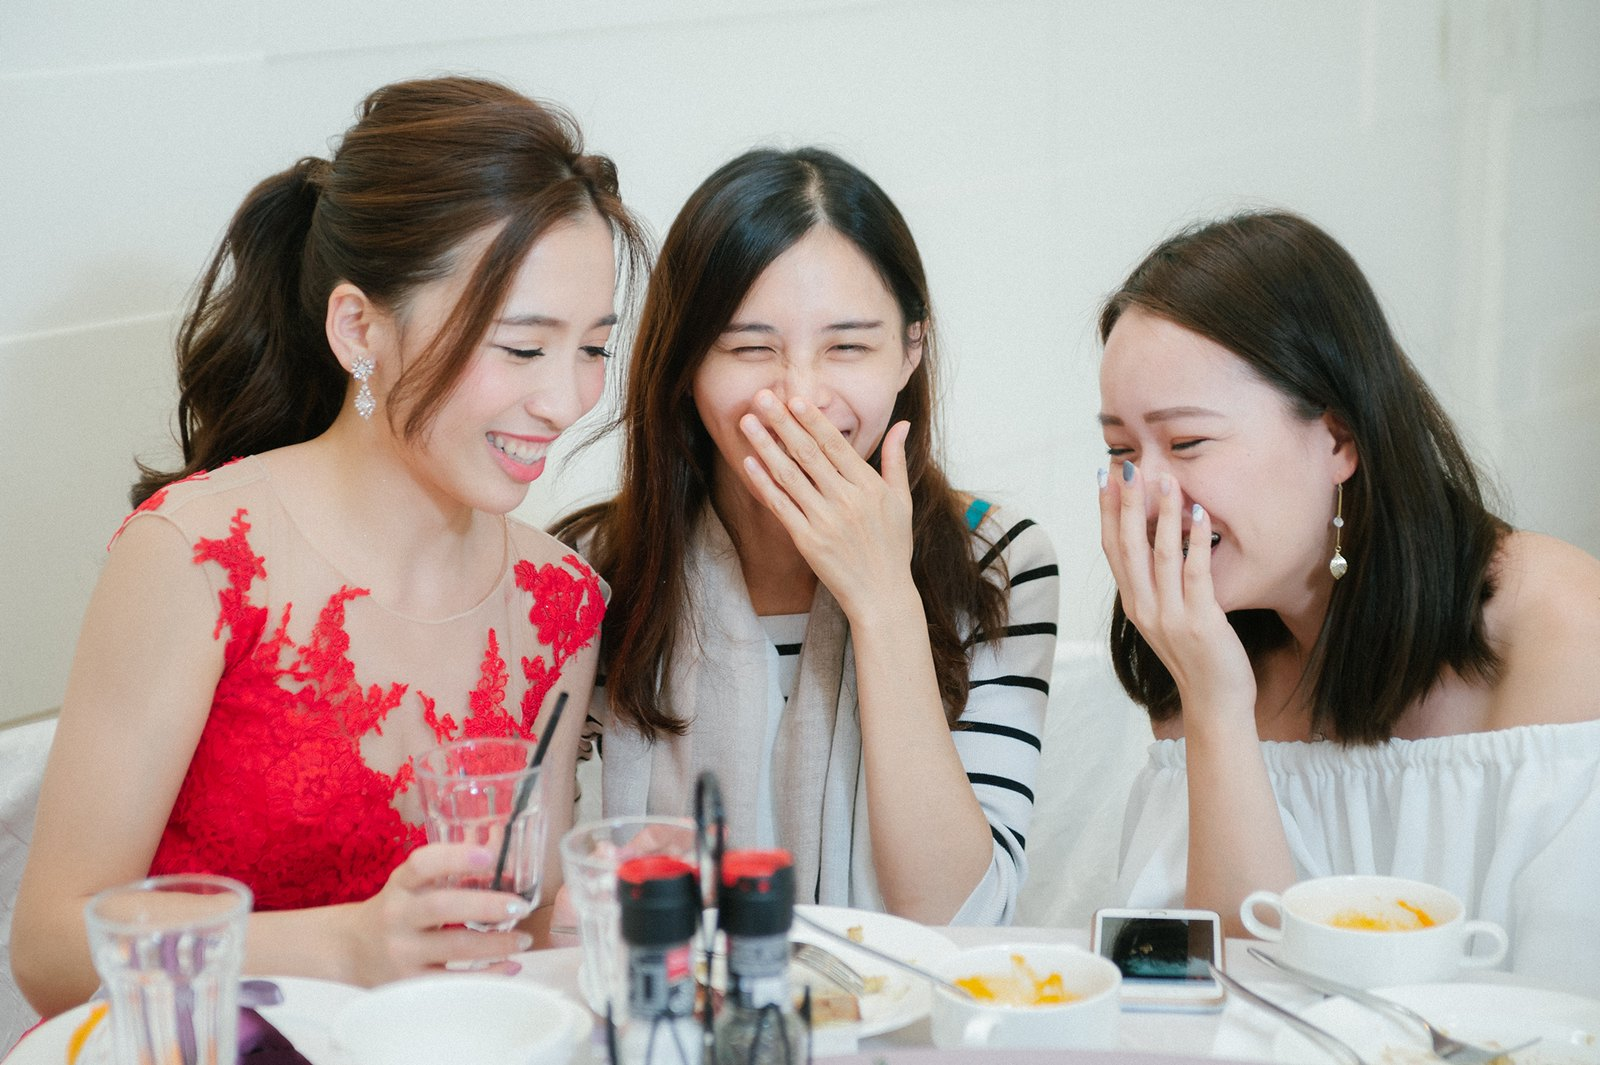 【婚攝】Leechun & Chuchu 俊龍&家韻 / 桃園 / 綠風草原餐廳(Green Breeze prairie) 戶外景觀餐廳